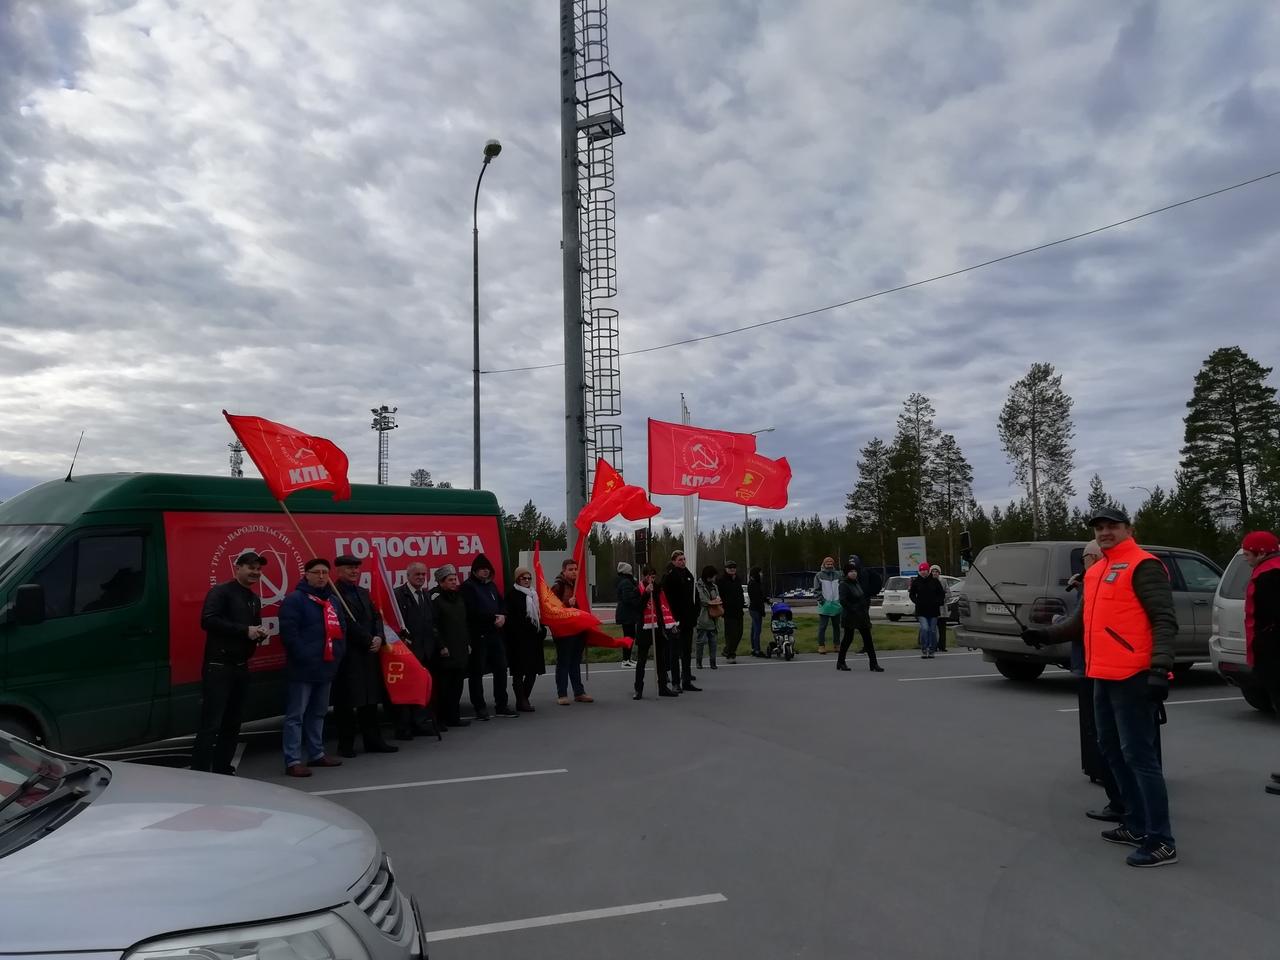 Ноябрьский суд отменил штраф, выписанный Бондарчуку за нарушение ПДД во время митинга